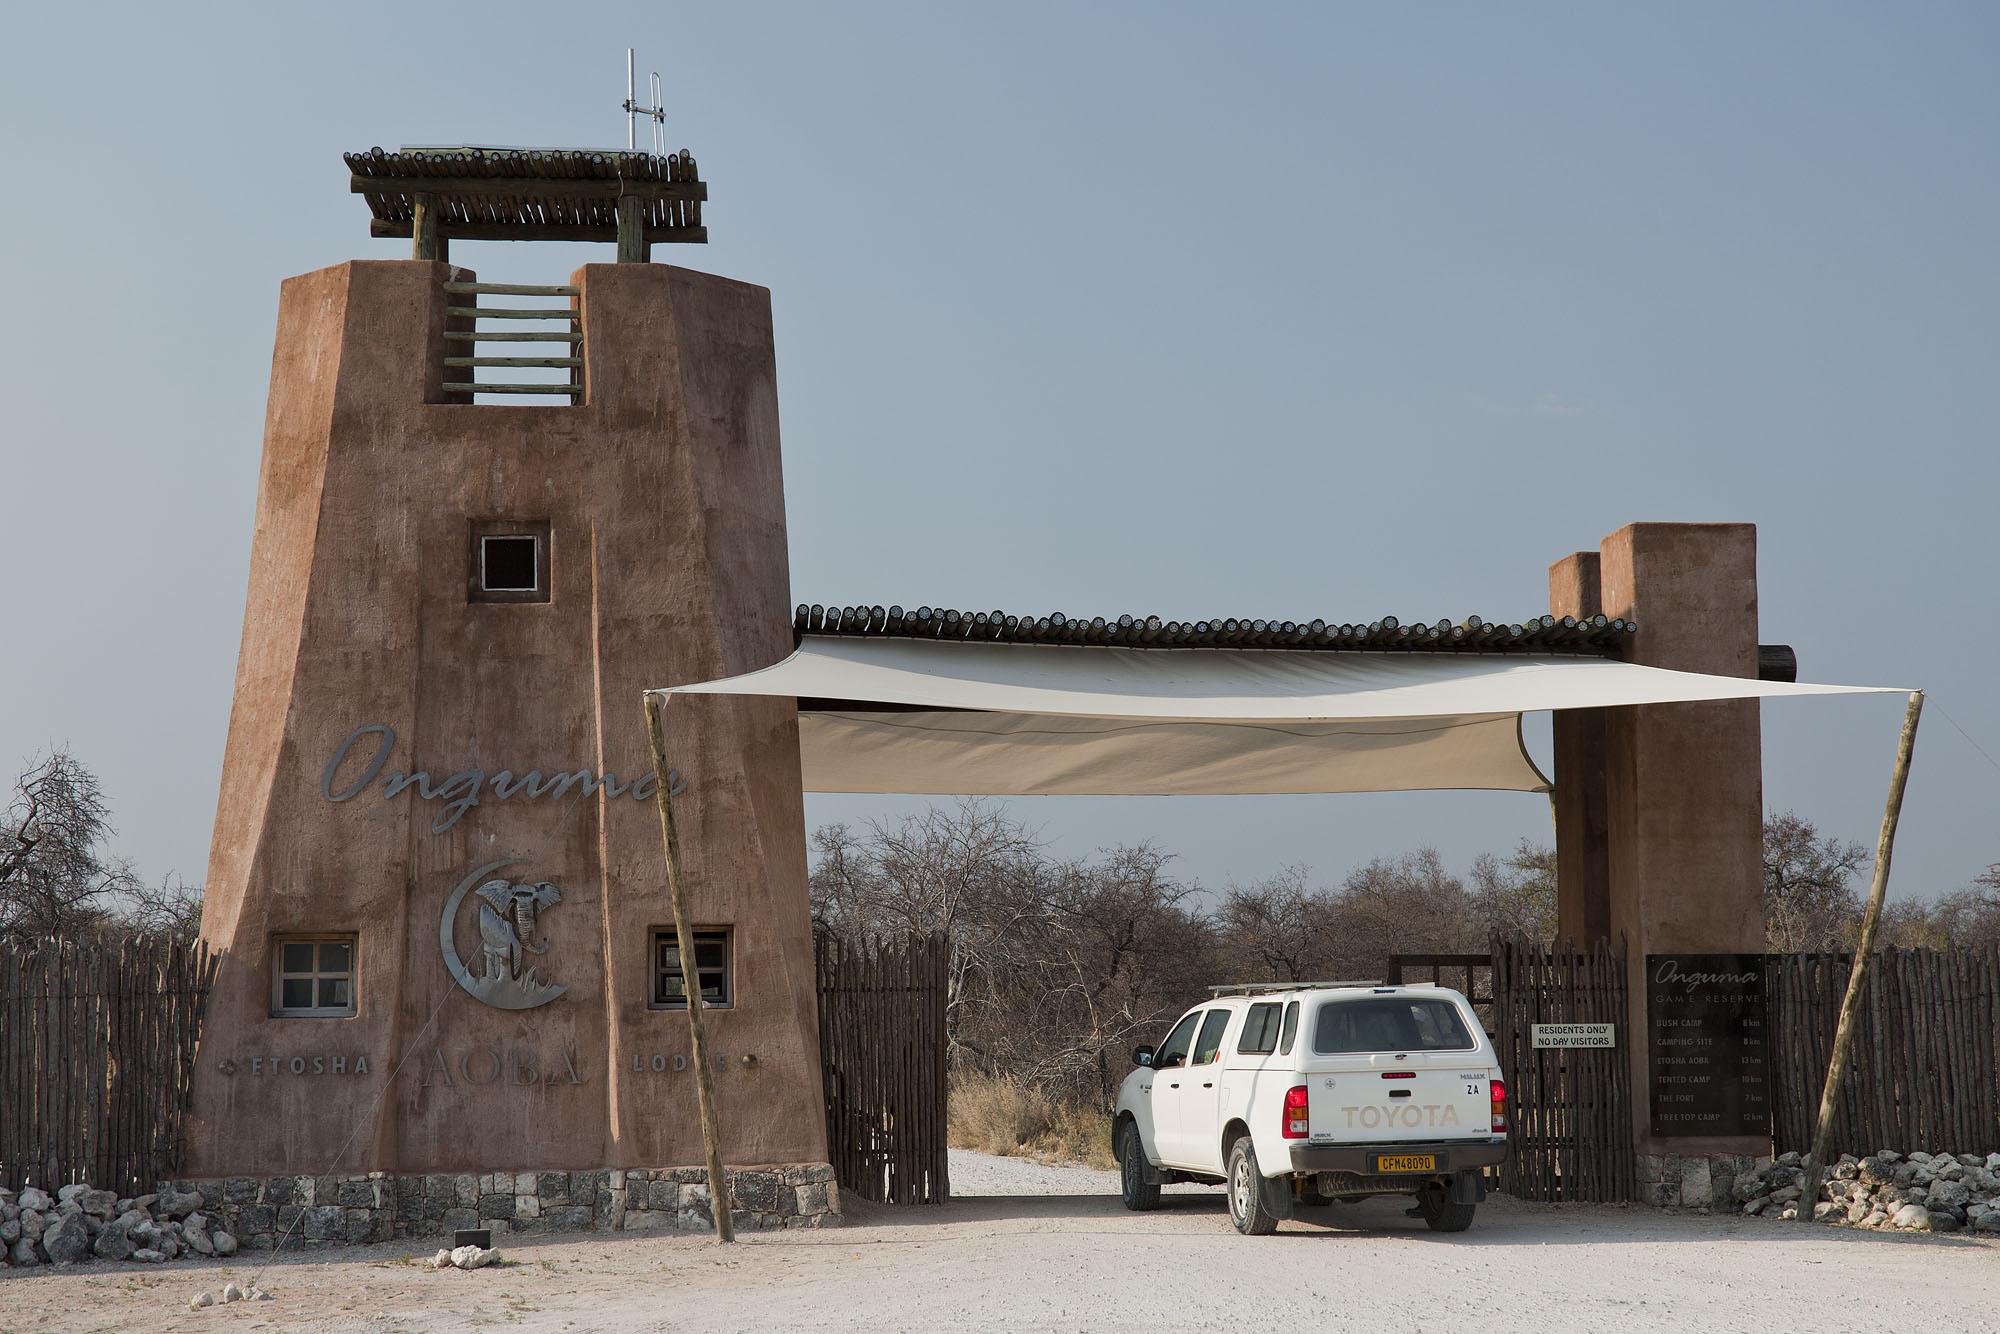 The imposing entrance gate to Onguma